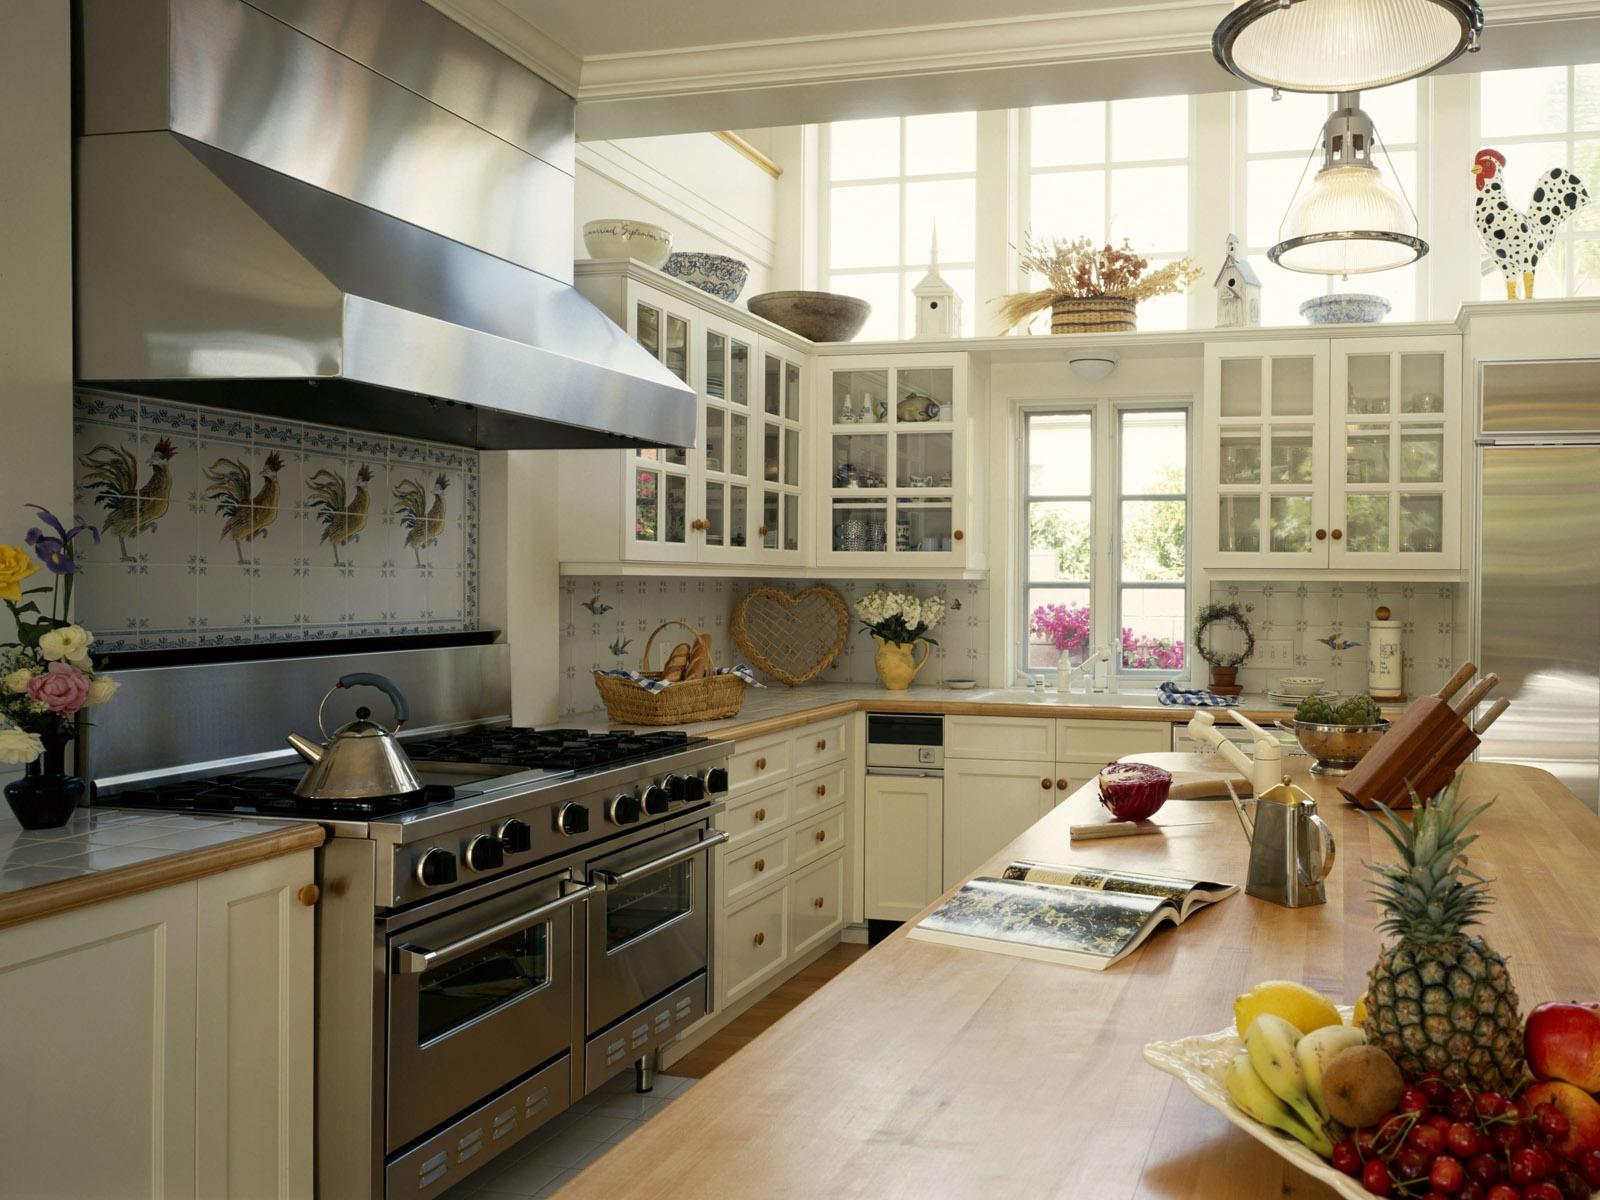 Fondos de pantalla : comida, habitación, interior, cocina, diseño de ...